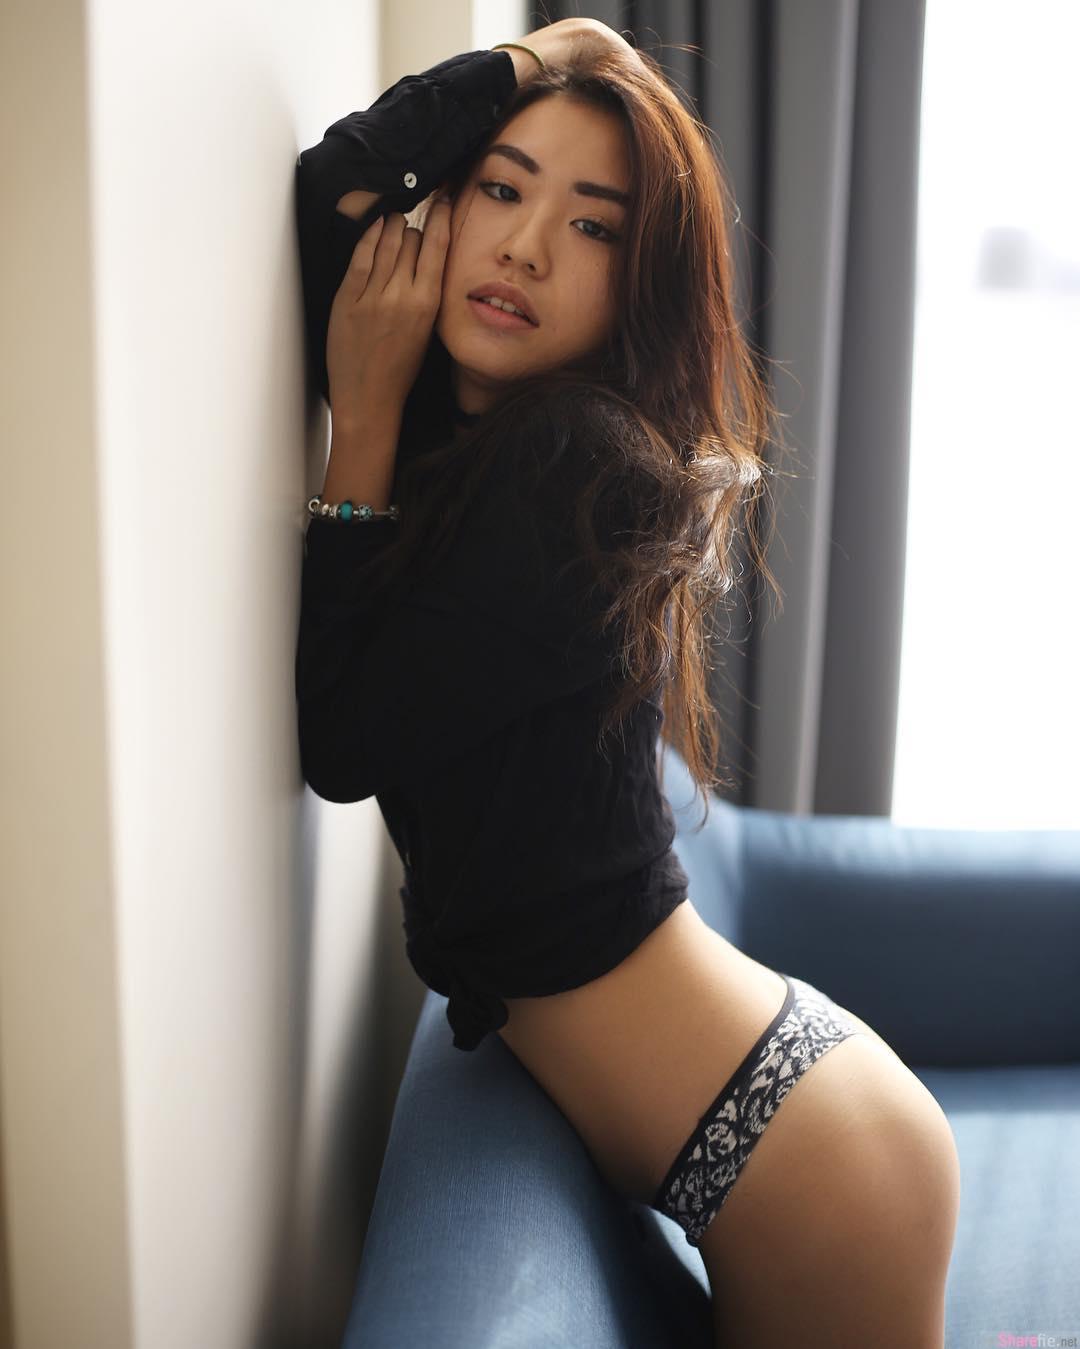 大马正妹Victoria lynn长腿翘臀,只穿上「超短裤」画面好撩人